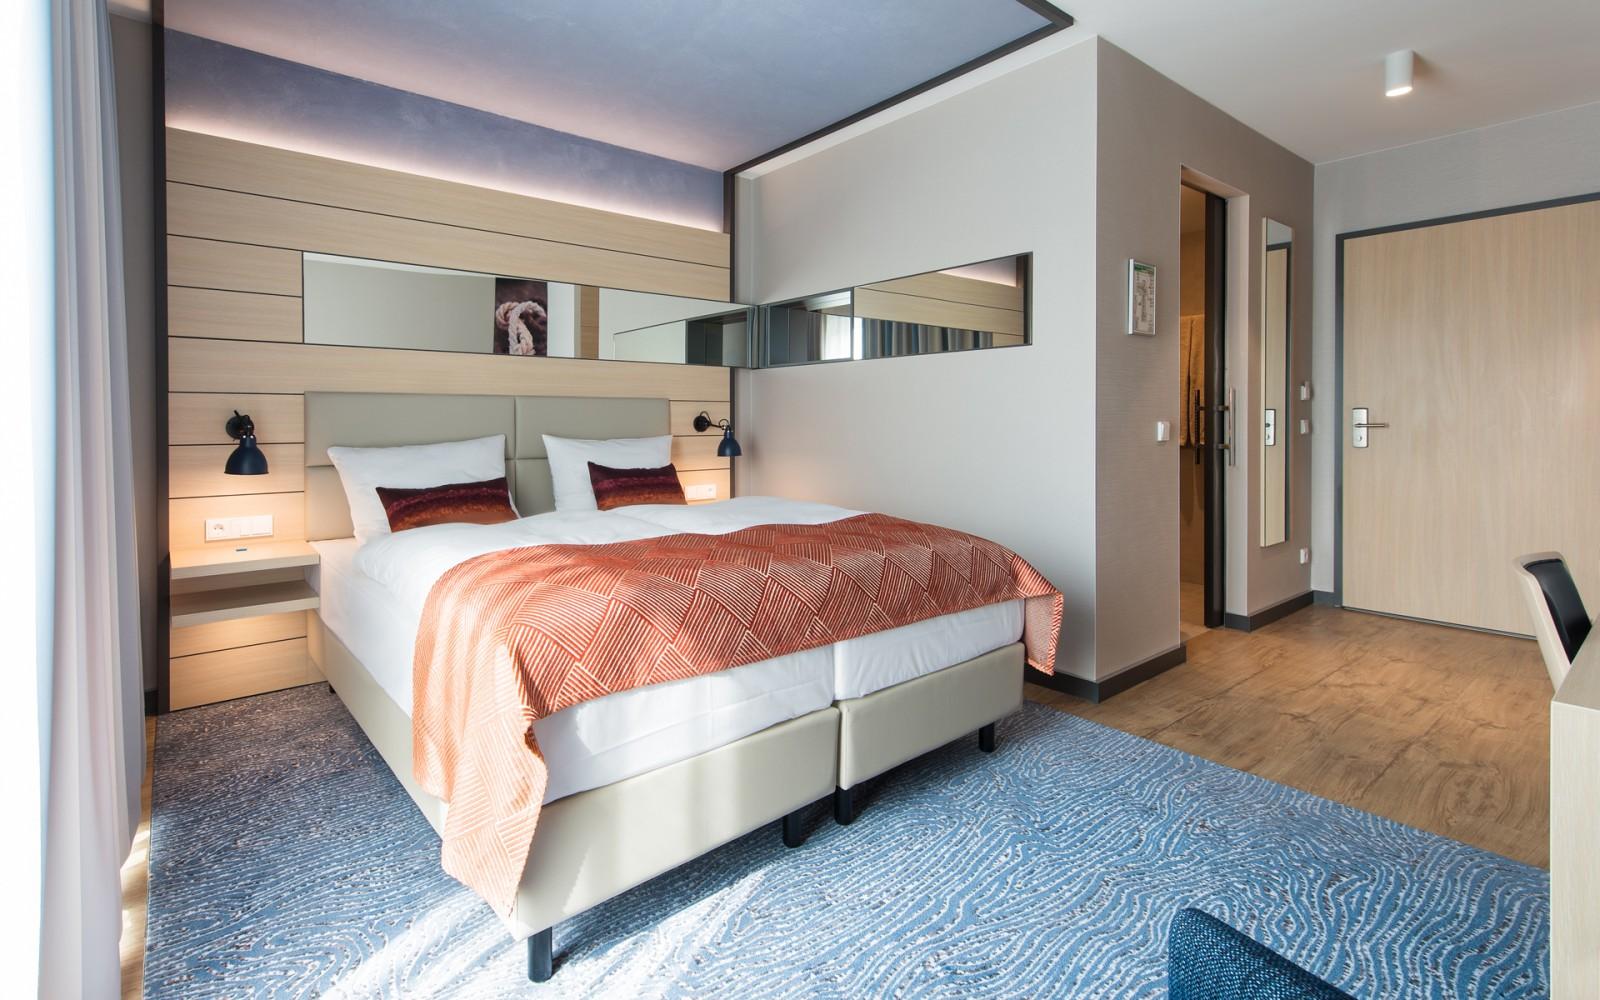 hotel_Meereszeiten_oprema-hotela_hotelske-sobe_hotelzimmer-einrichtung_hotel-room-design_4